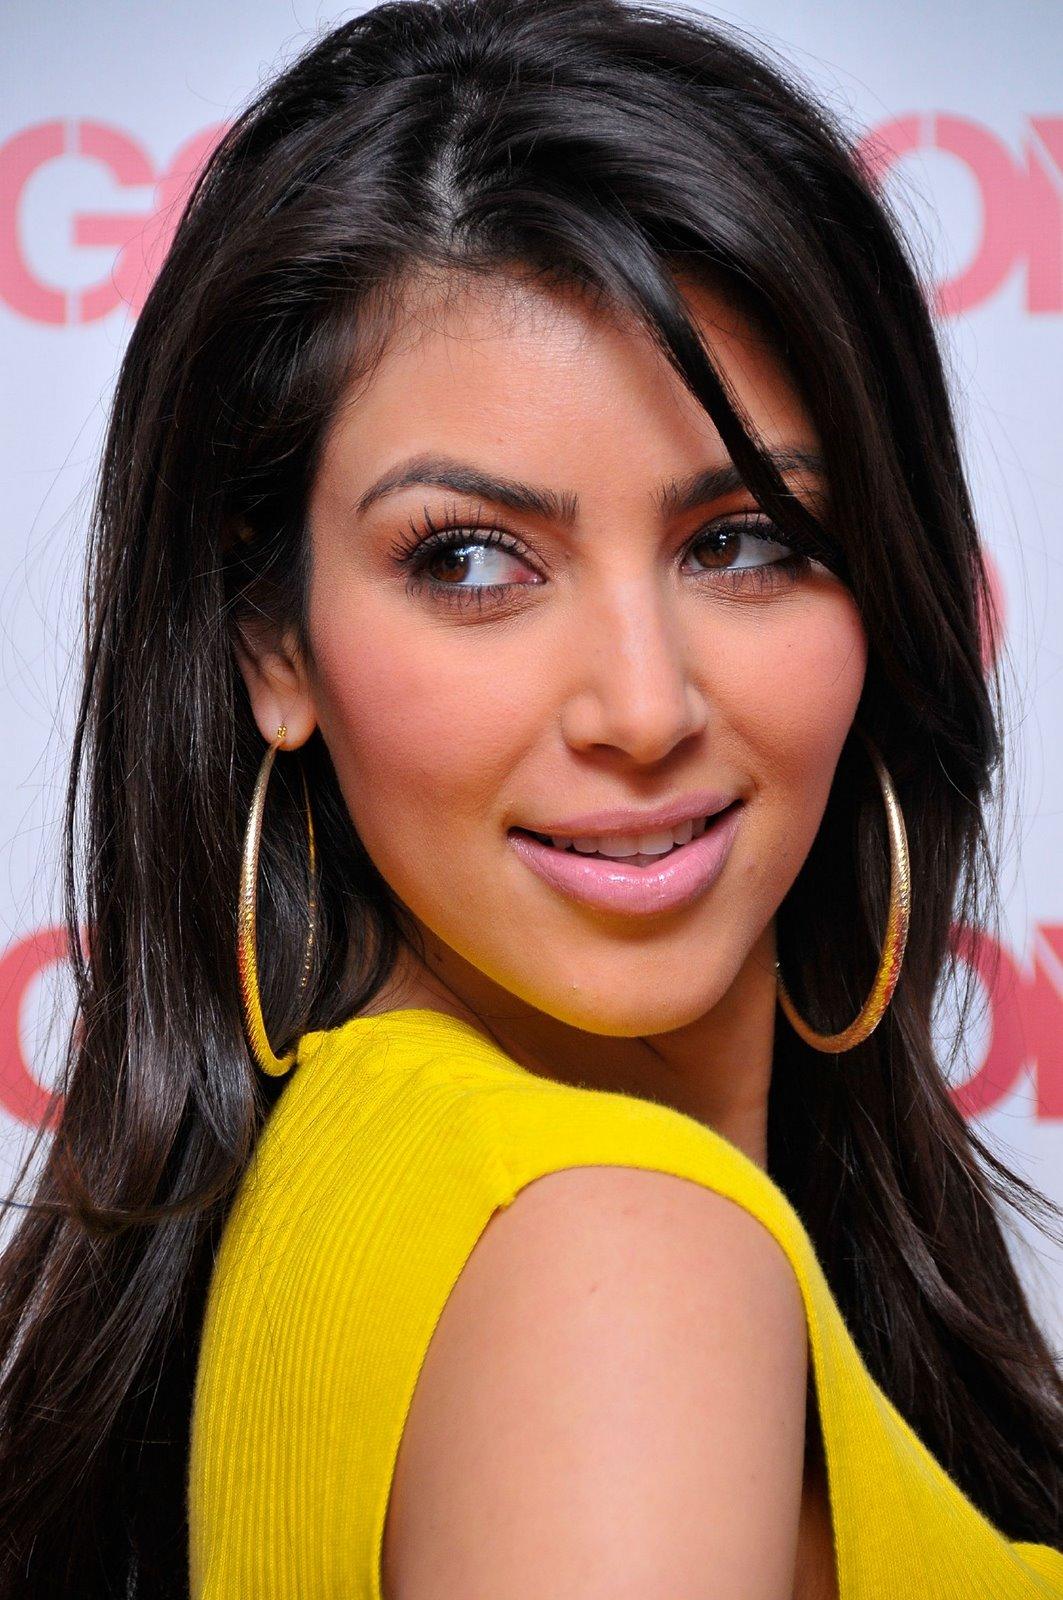 http://4.bp.blogspot.com/-a7cuADa-QJo/TpSHUjLpQJI/AAAAAAAABwU/Hu_yCrrinxA/s1600/kim-kardashian-fall-bongo-collection-booty-03.jpg